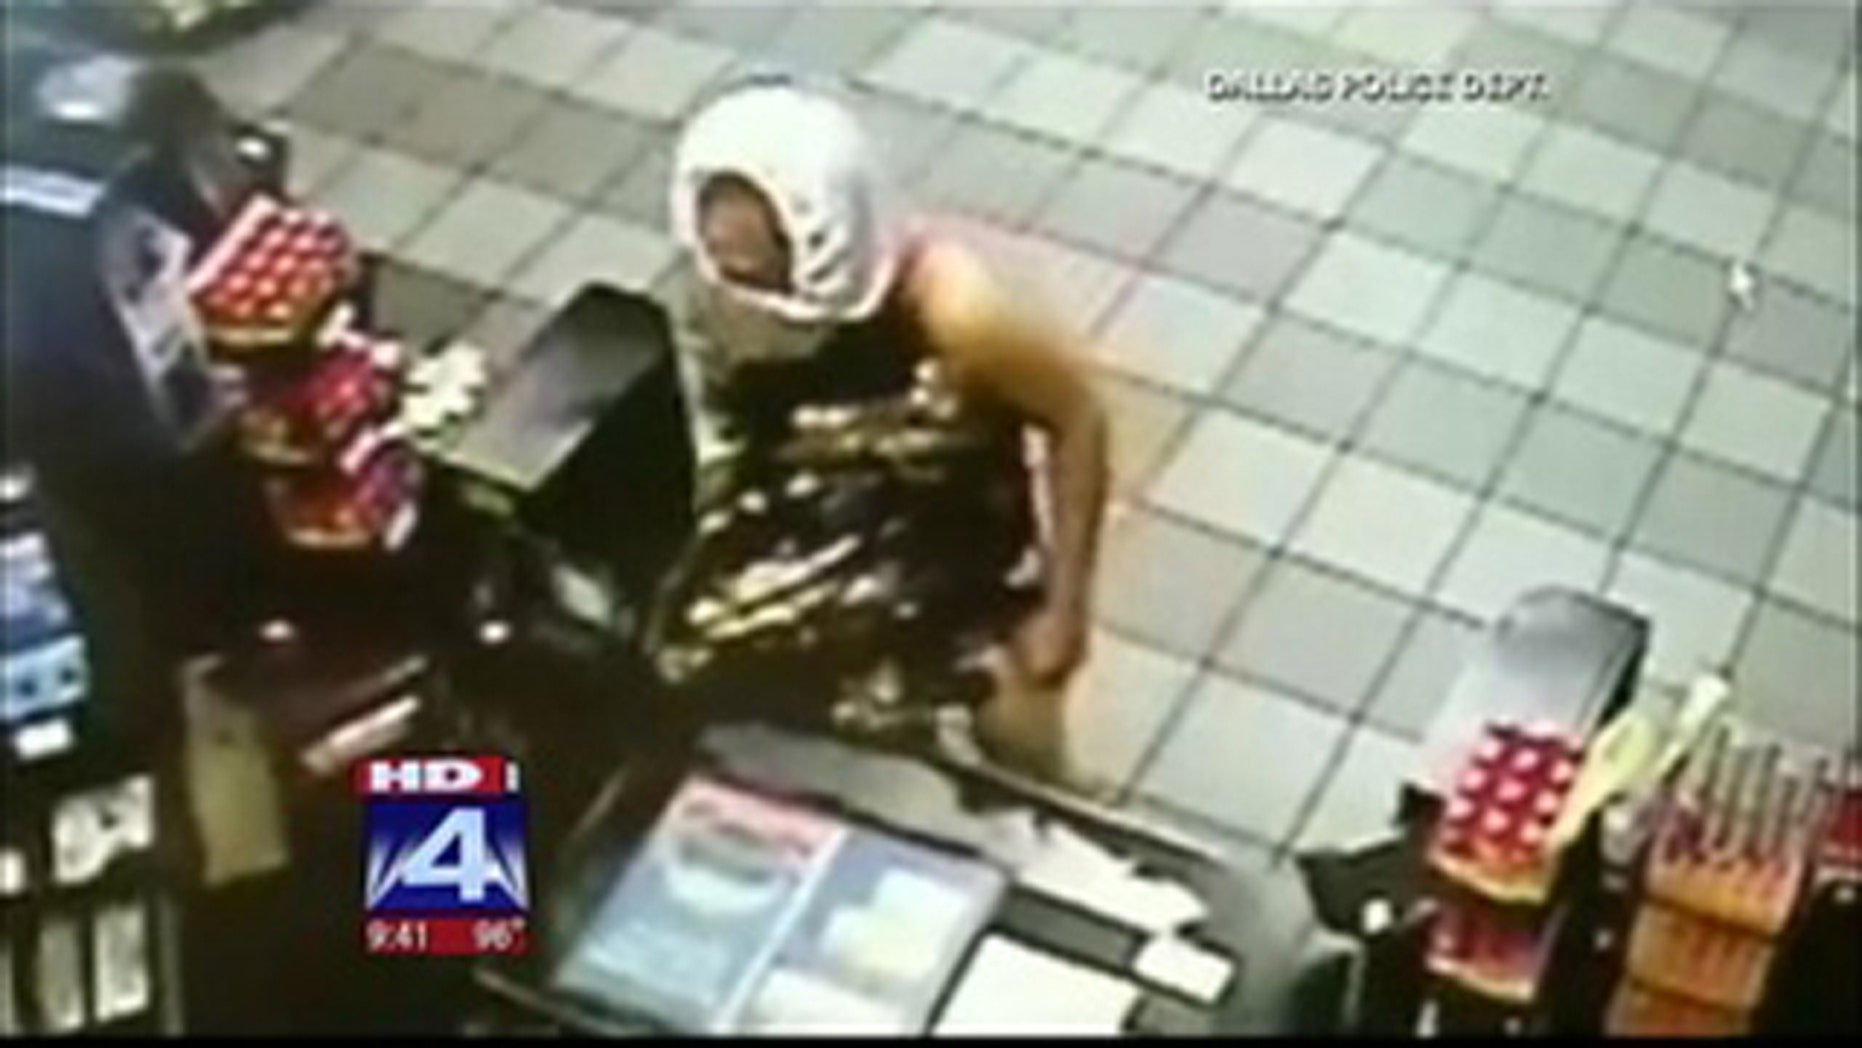 Alleged undwear-masked suspect.